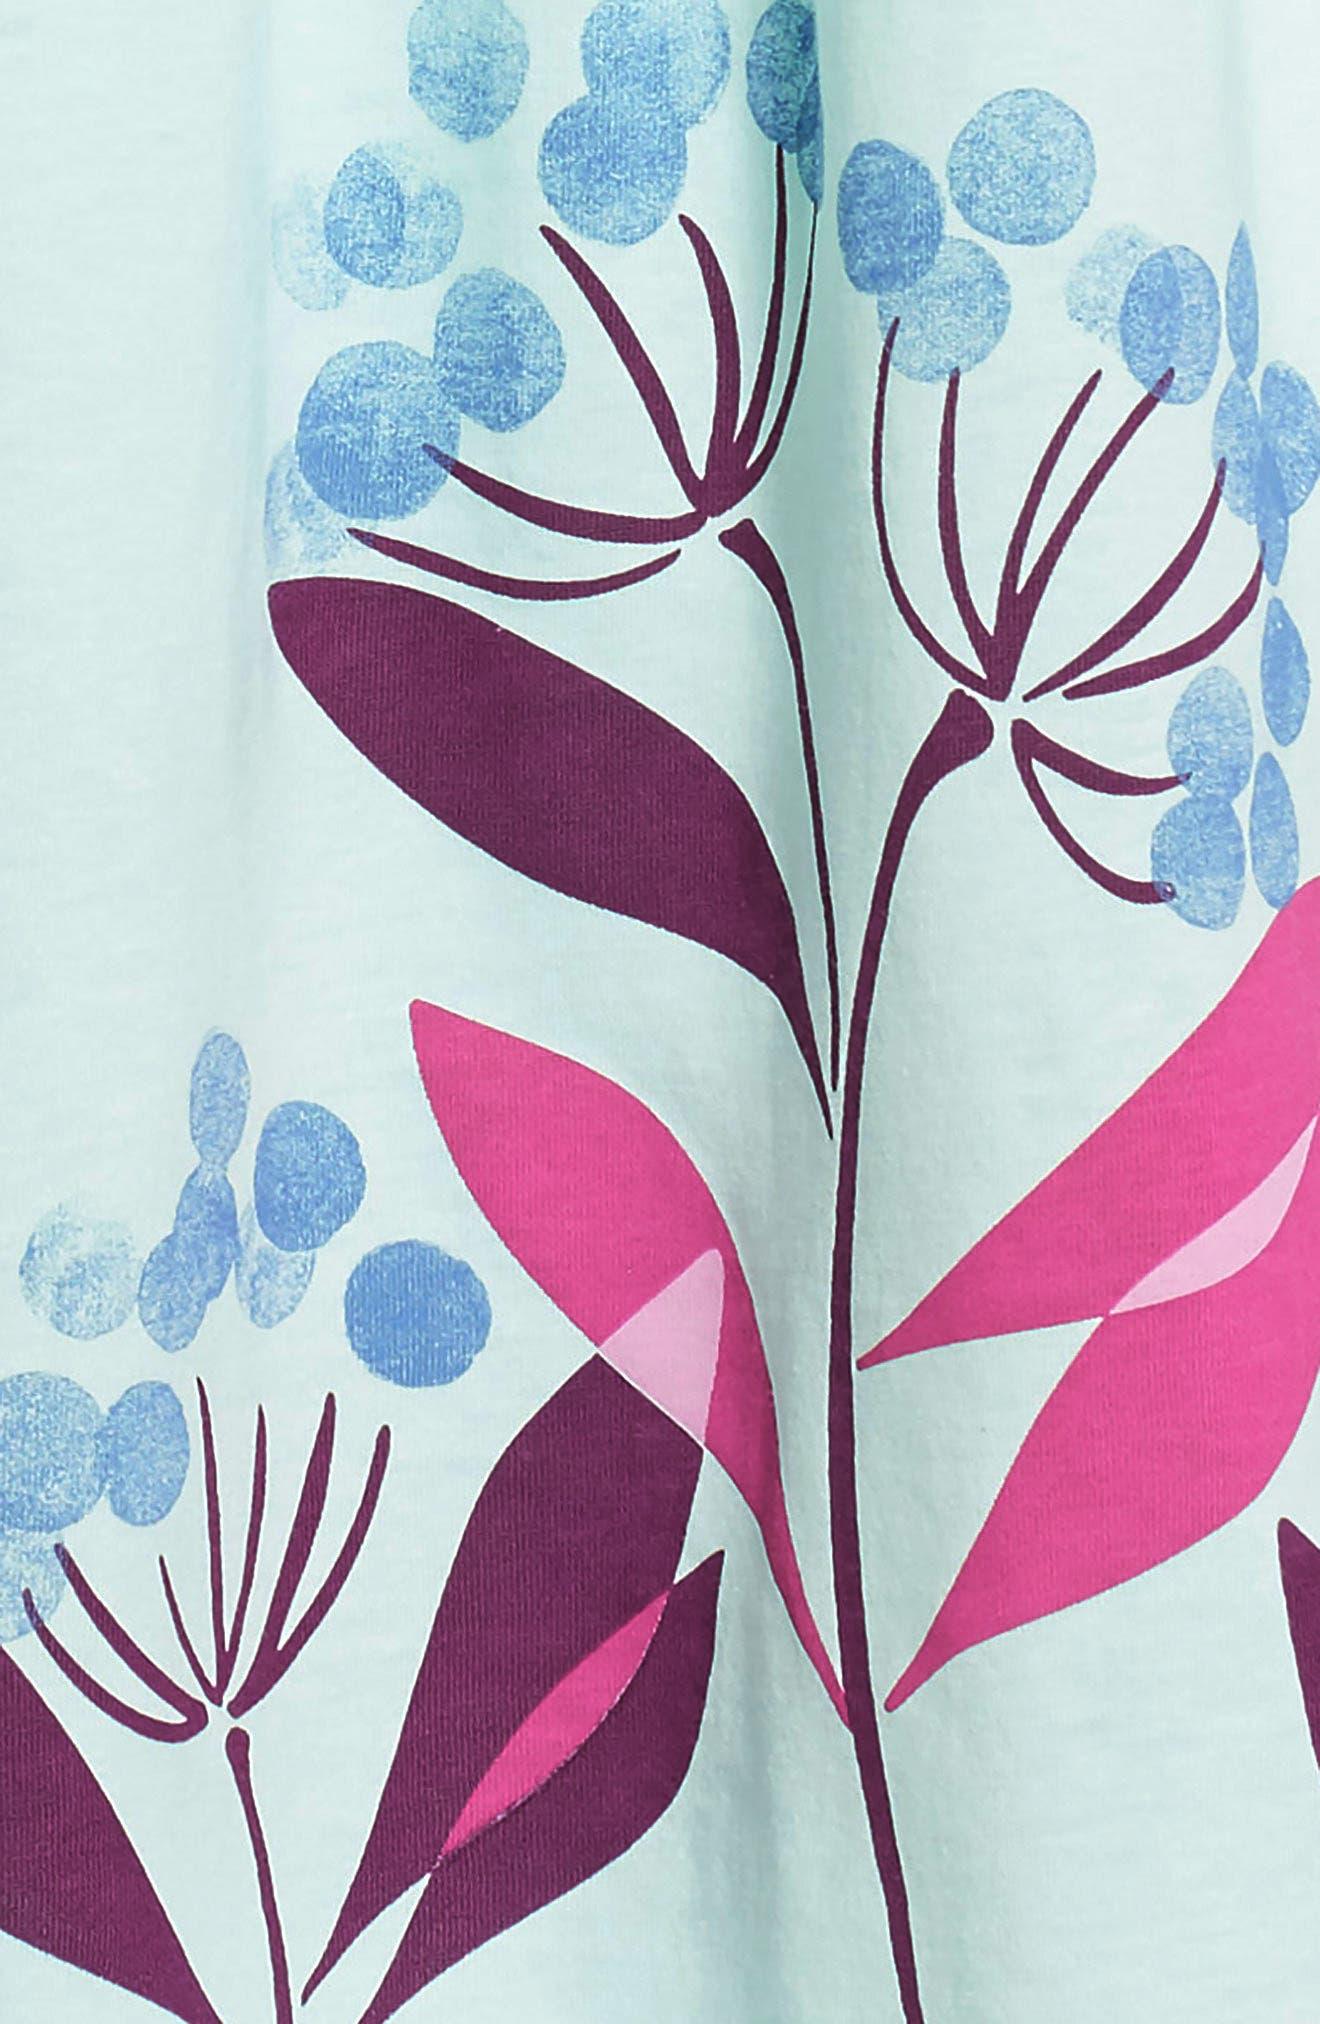 Floral Empire Waist Dress,                             Alternate thumbnail 3, color,                             456